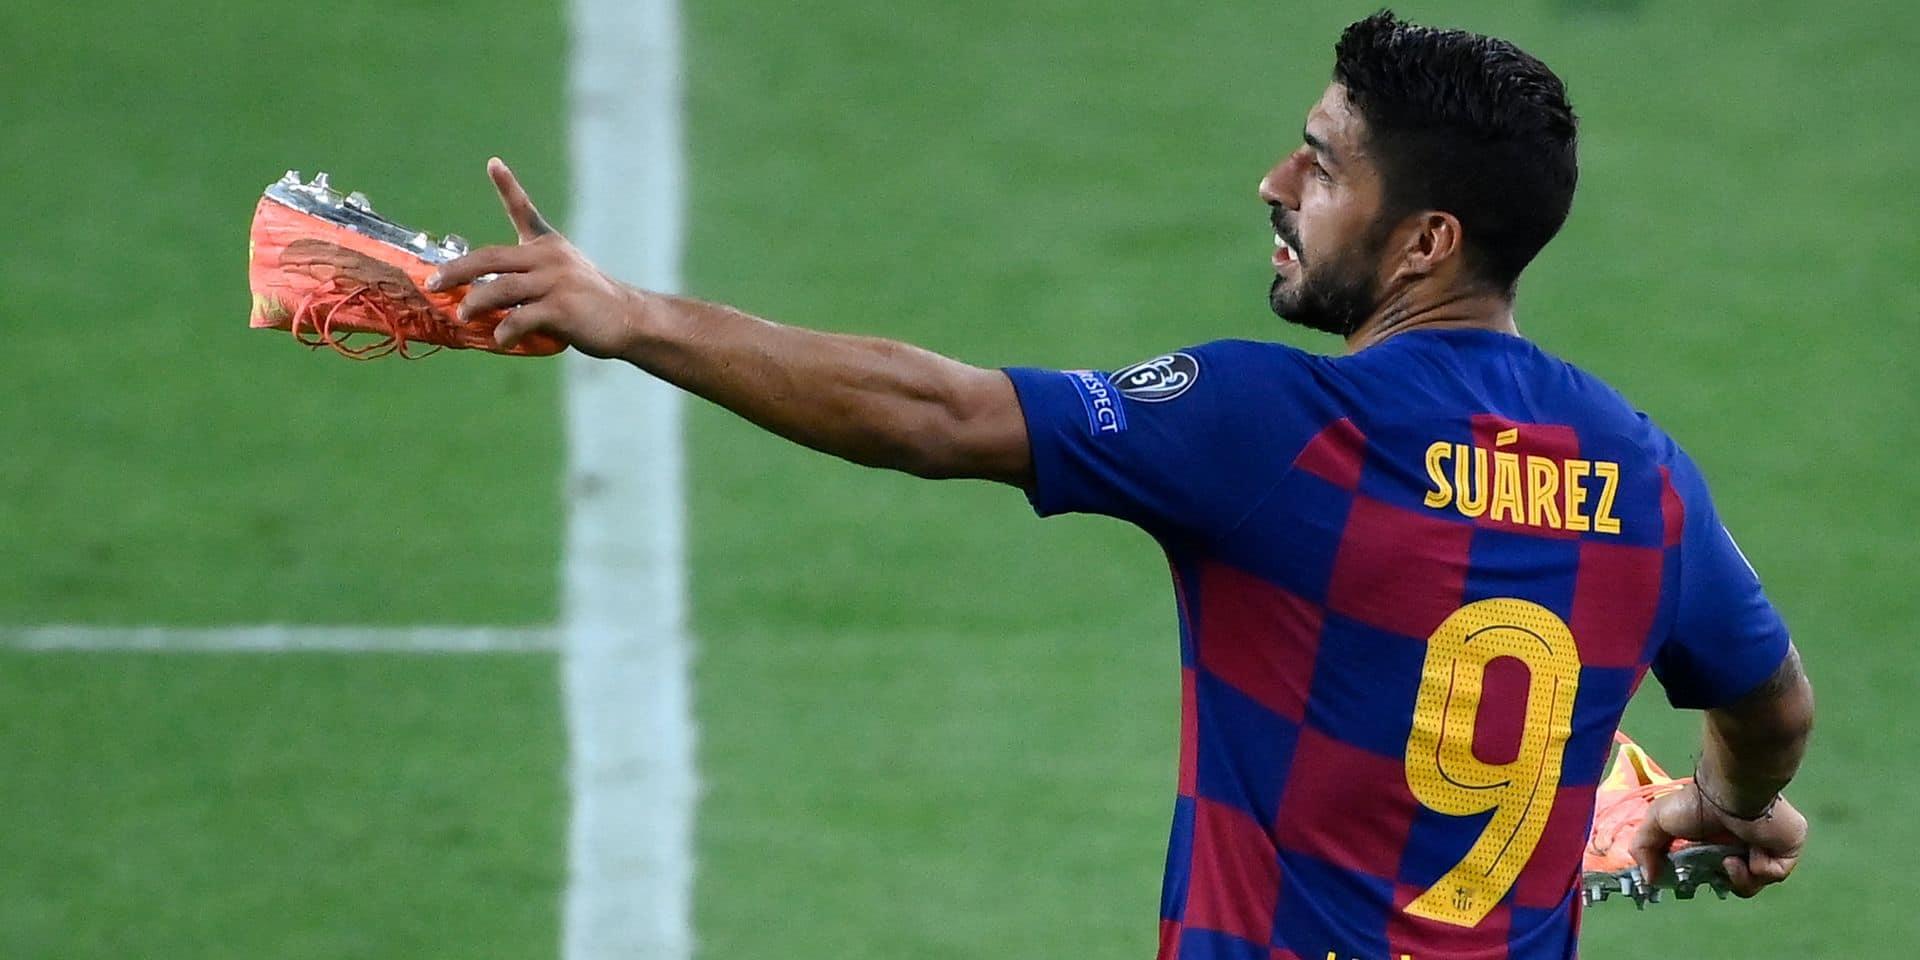 Journal du mercato (14/08): Luis Suarez pourrait quitter le FC Barcelone !